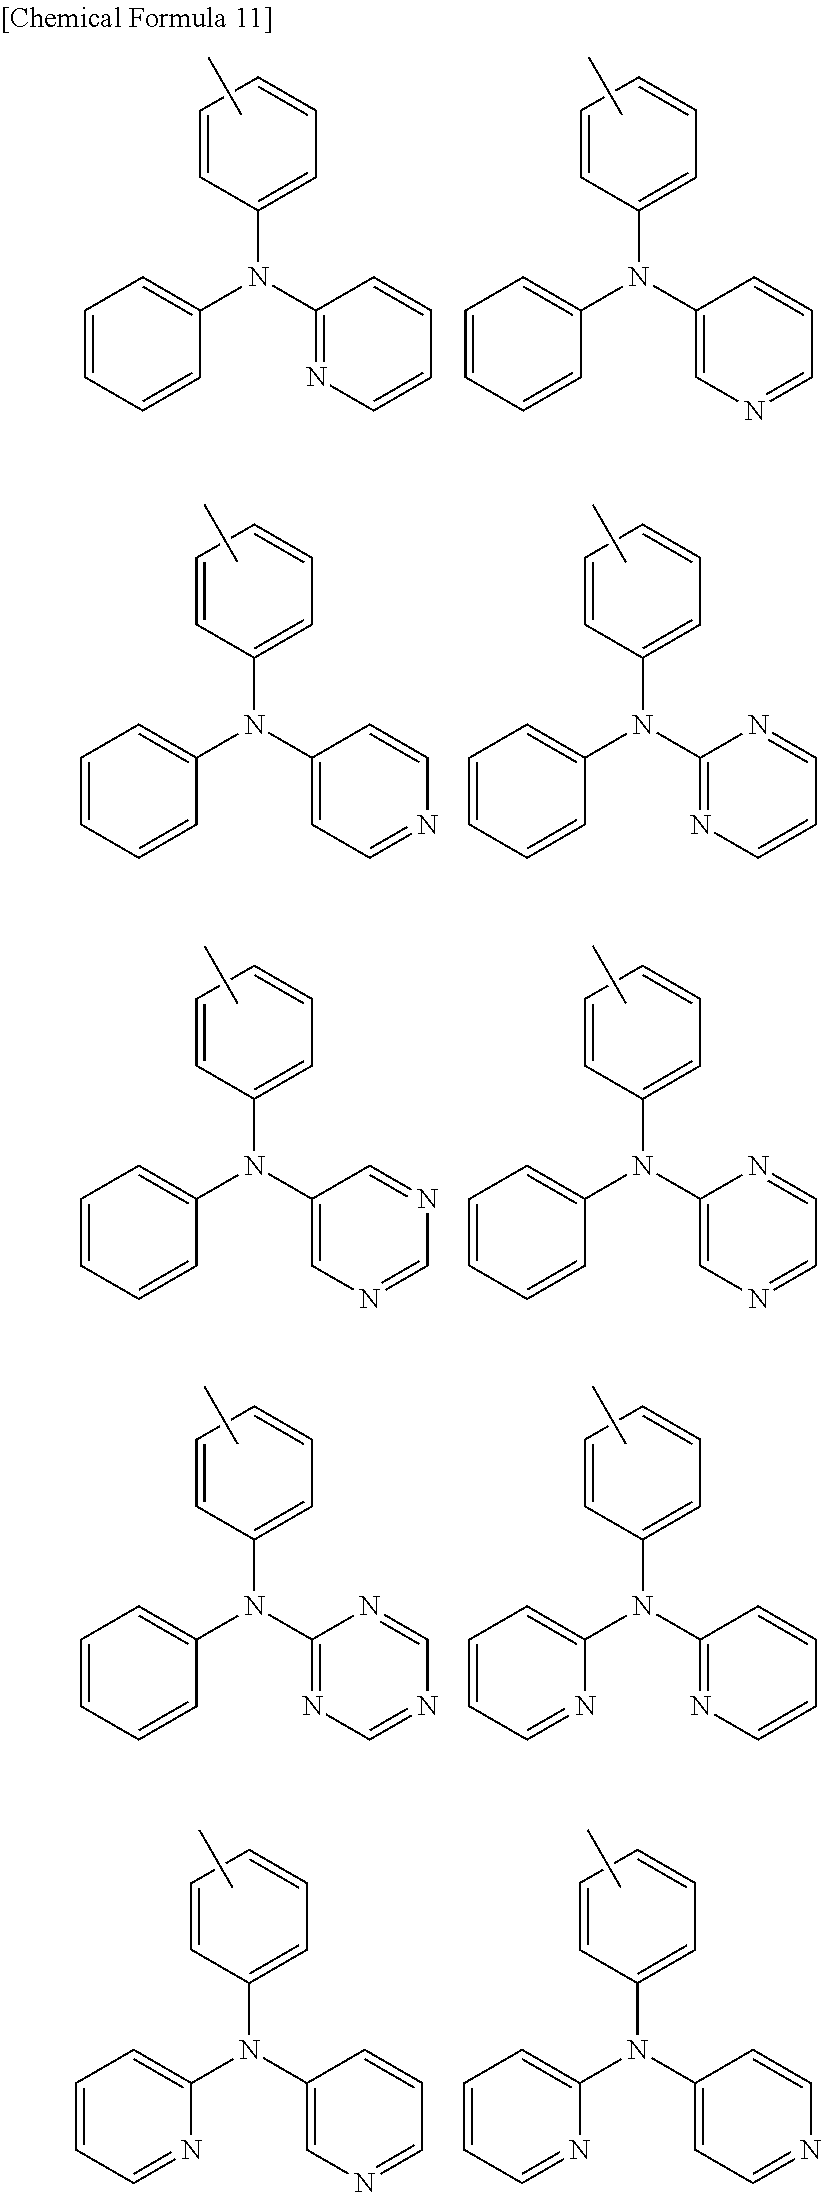 Figure US20150280139A1-20151001-C00011